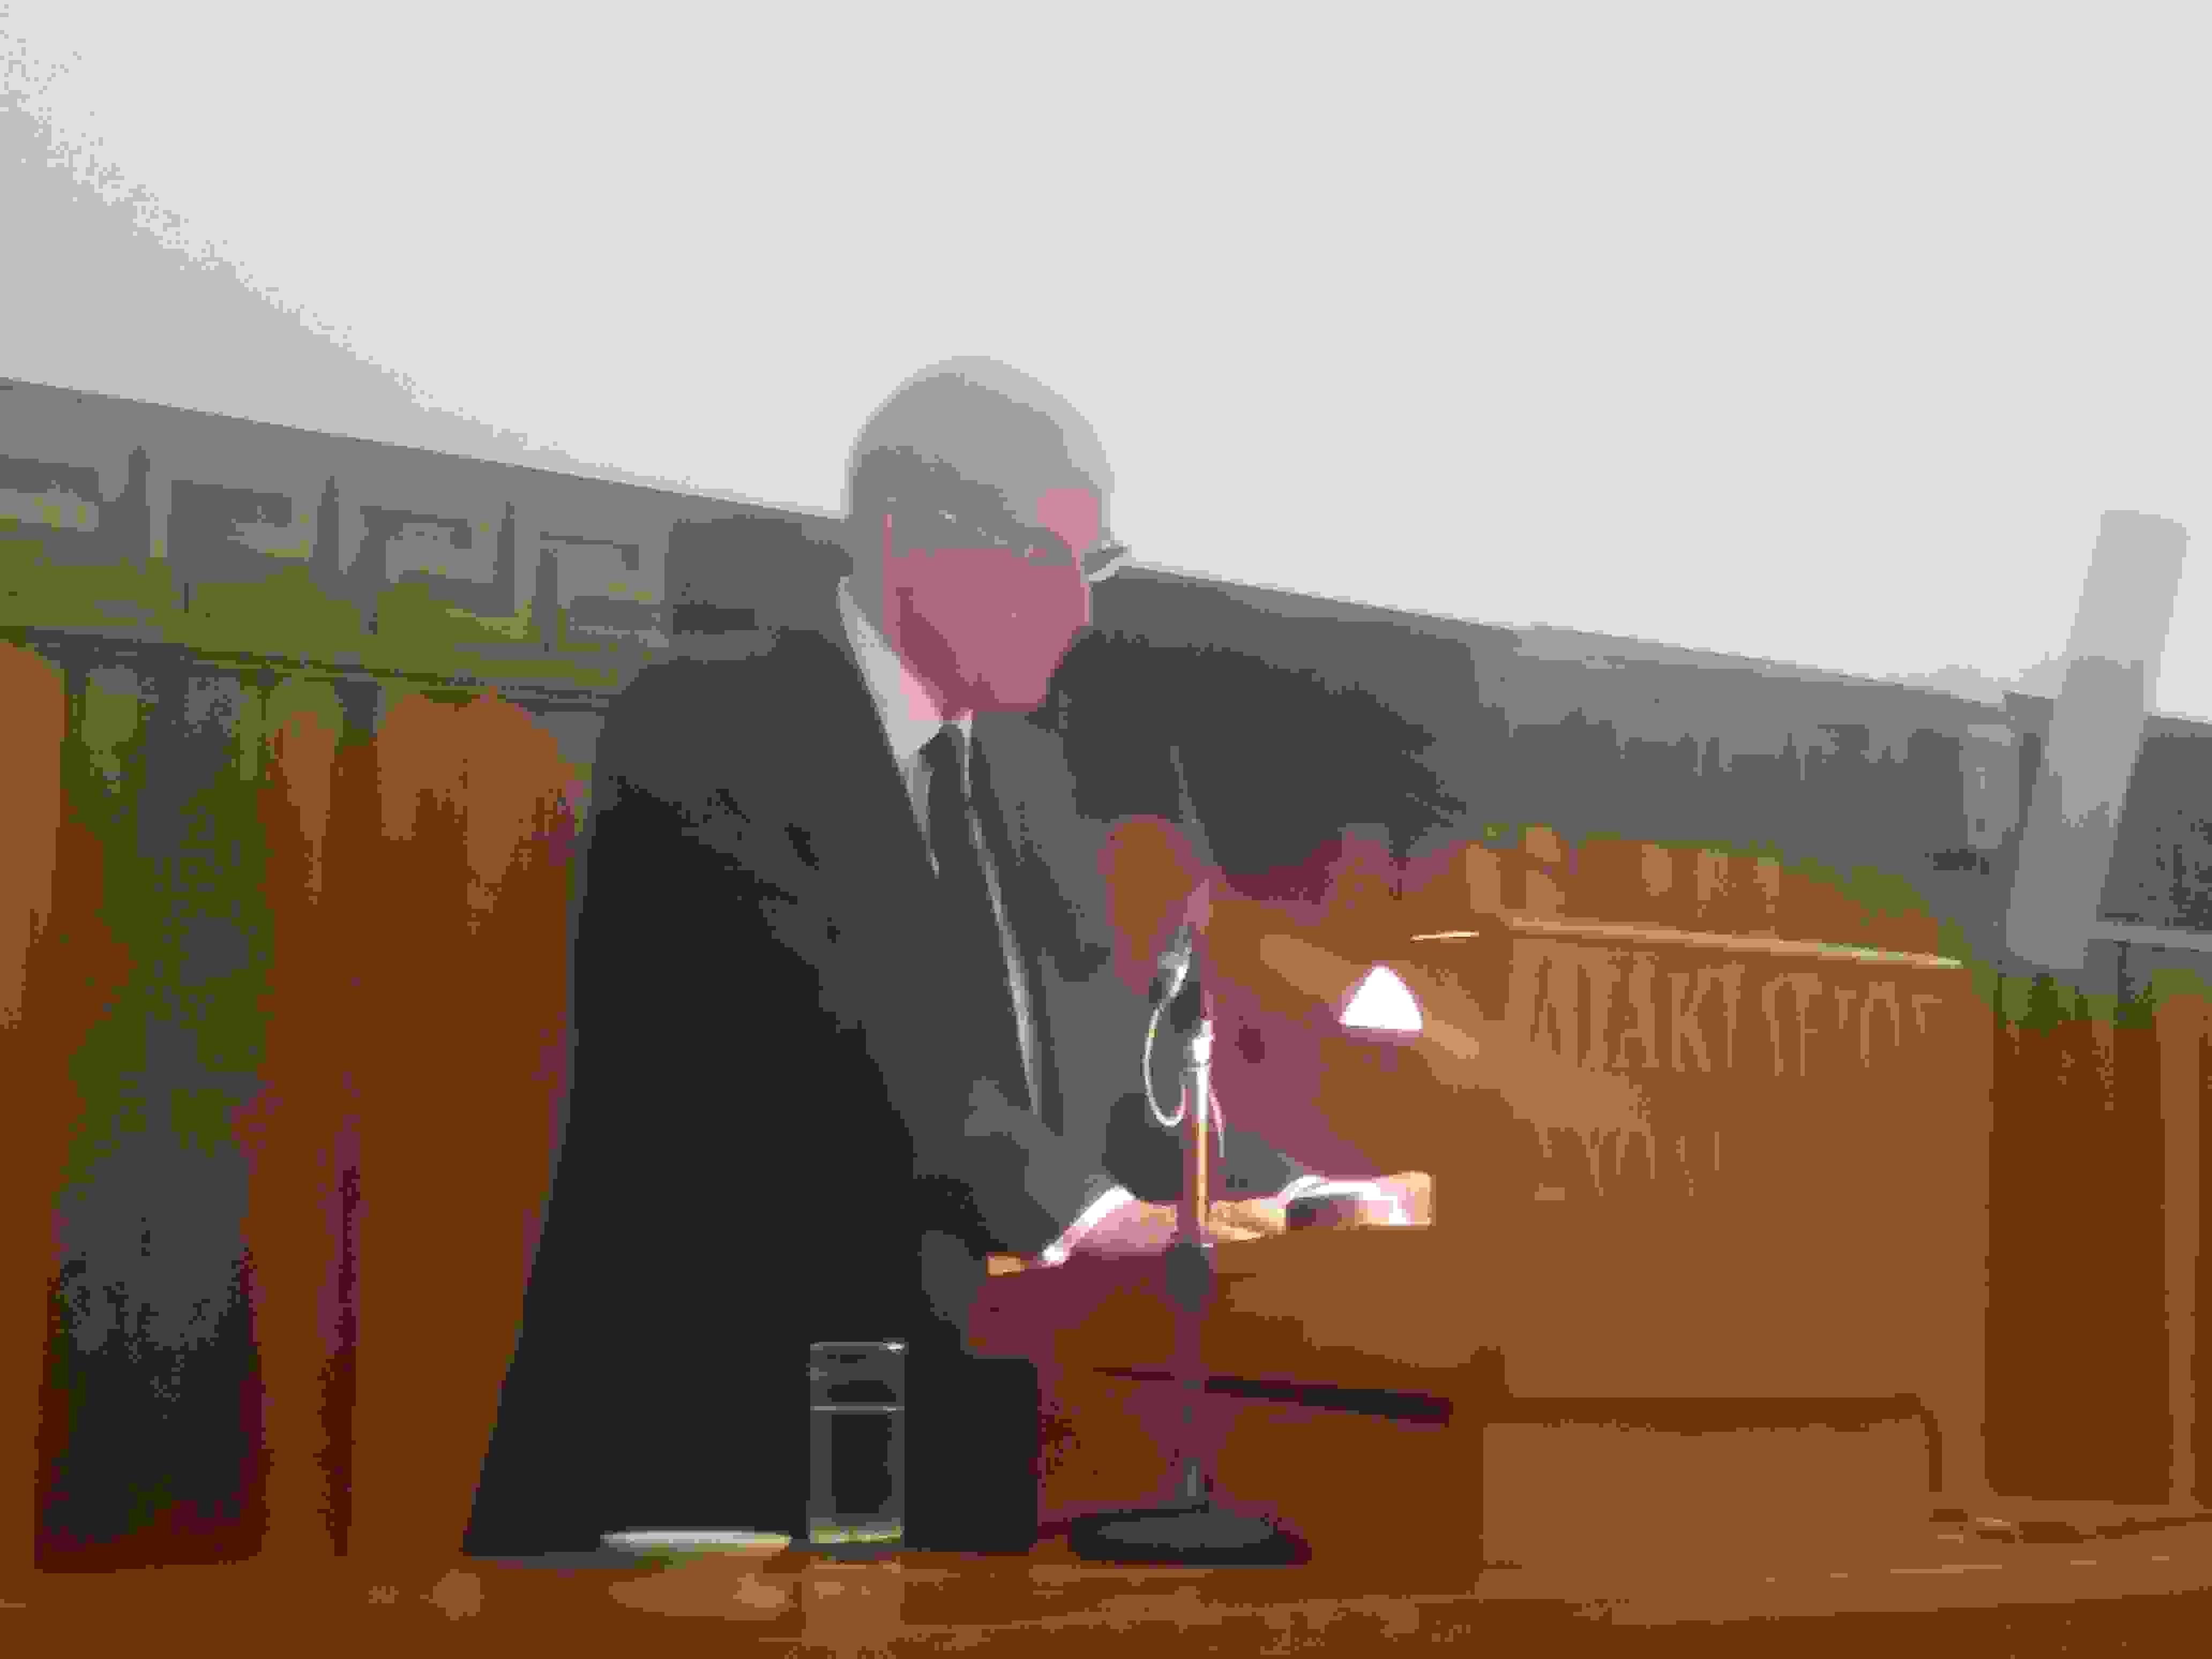 Αποτέλεσμα εικόνας για Πέτρου Ρηγάτου Δικηγόρου Παρ'Aρείω Πάγω, Νομικού Συμβούλου Ιεράς Μητροπόλεως Πατρών